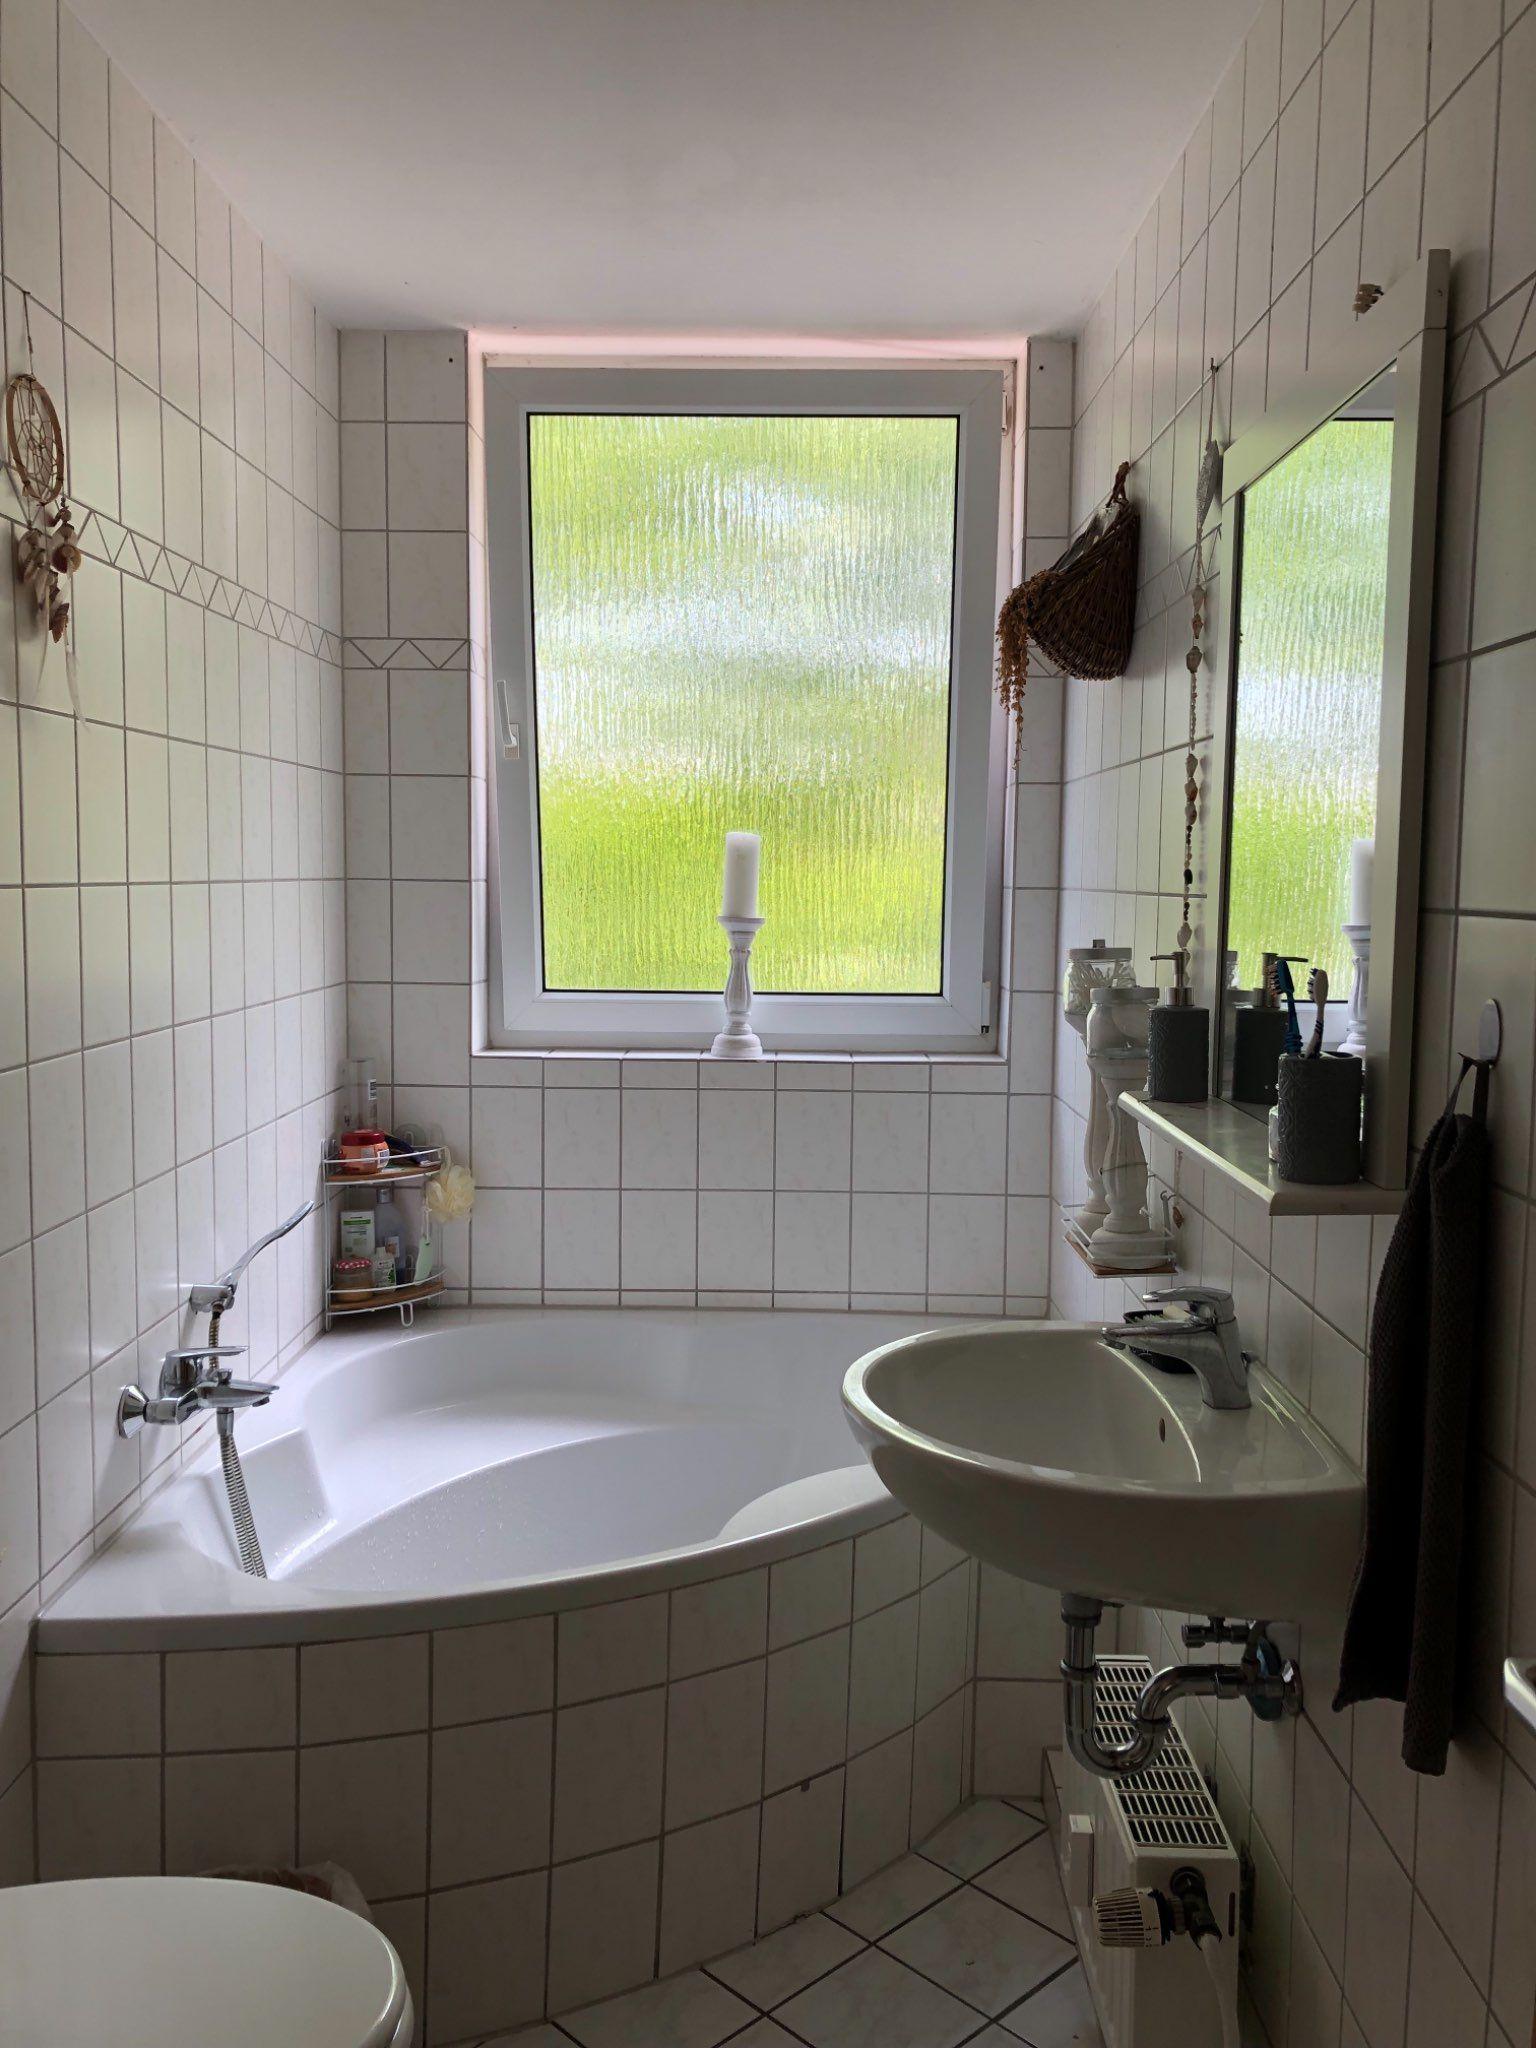 Traum Wanne In 4er Wg Schone Badezimmer Wanne Fliesenspiegel